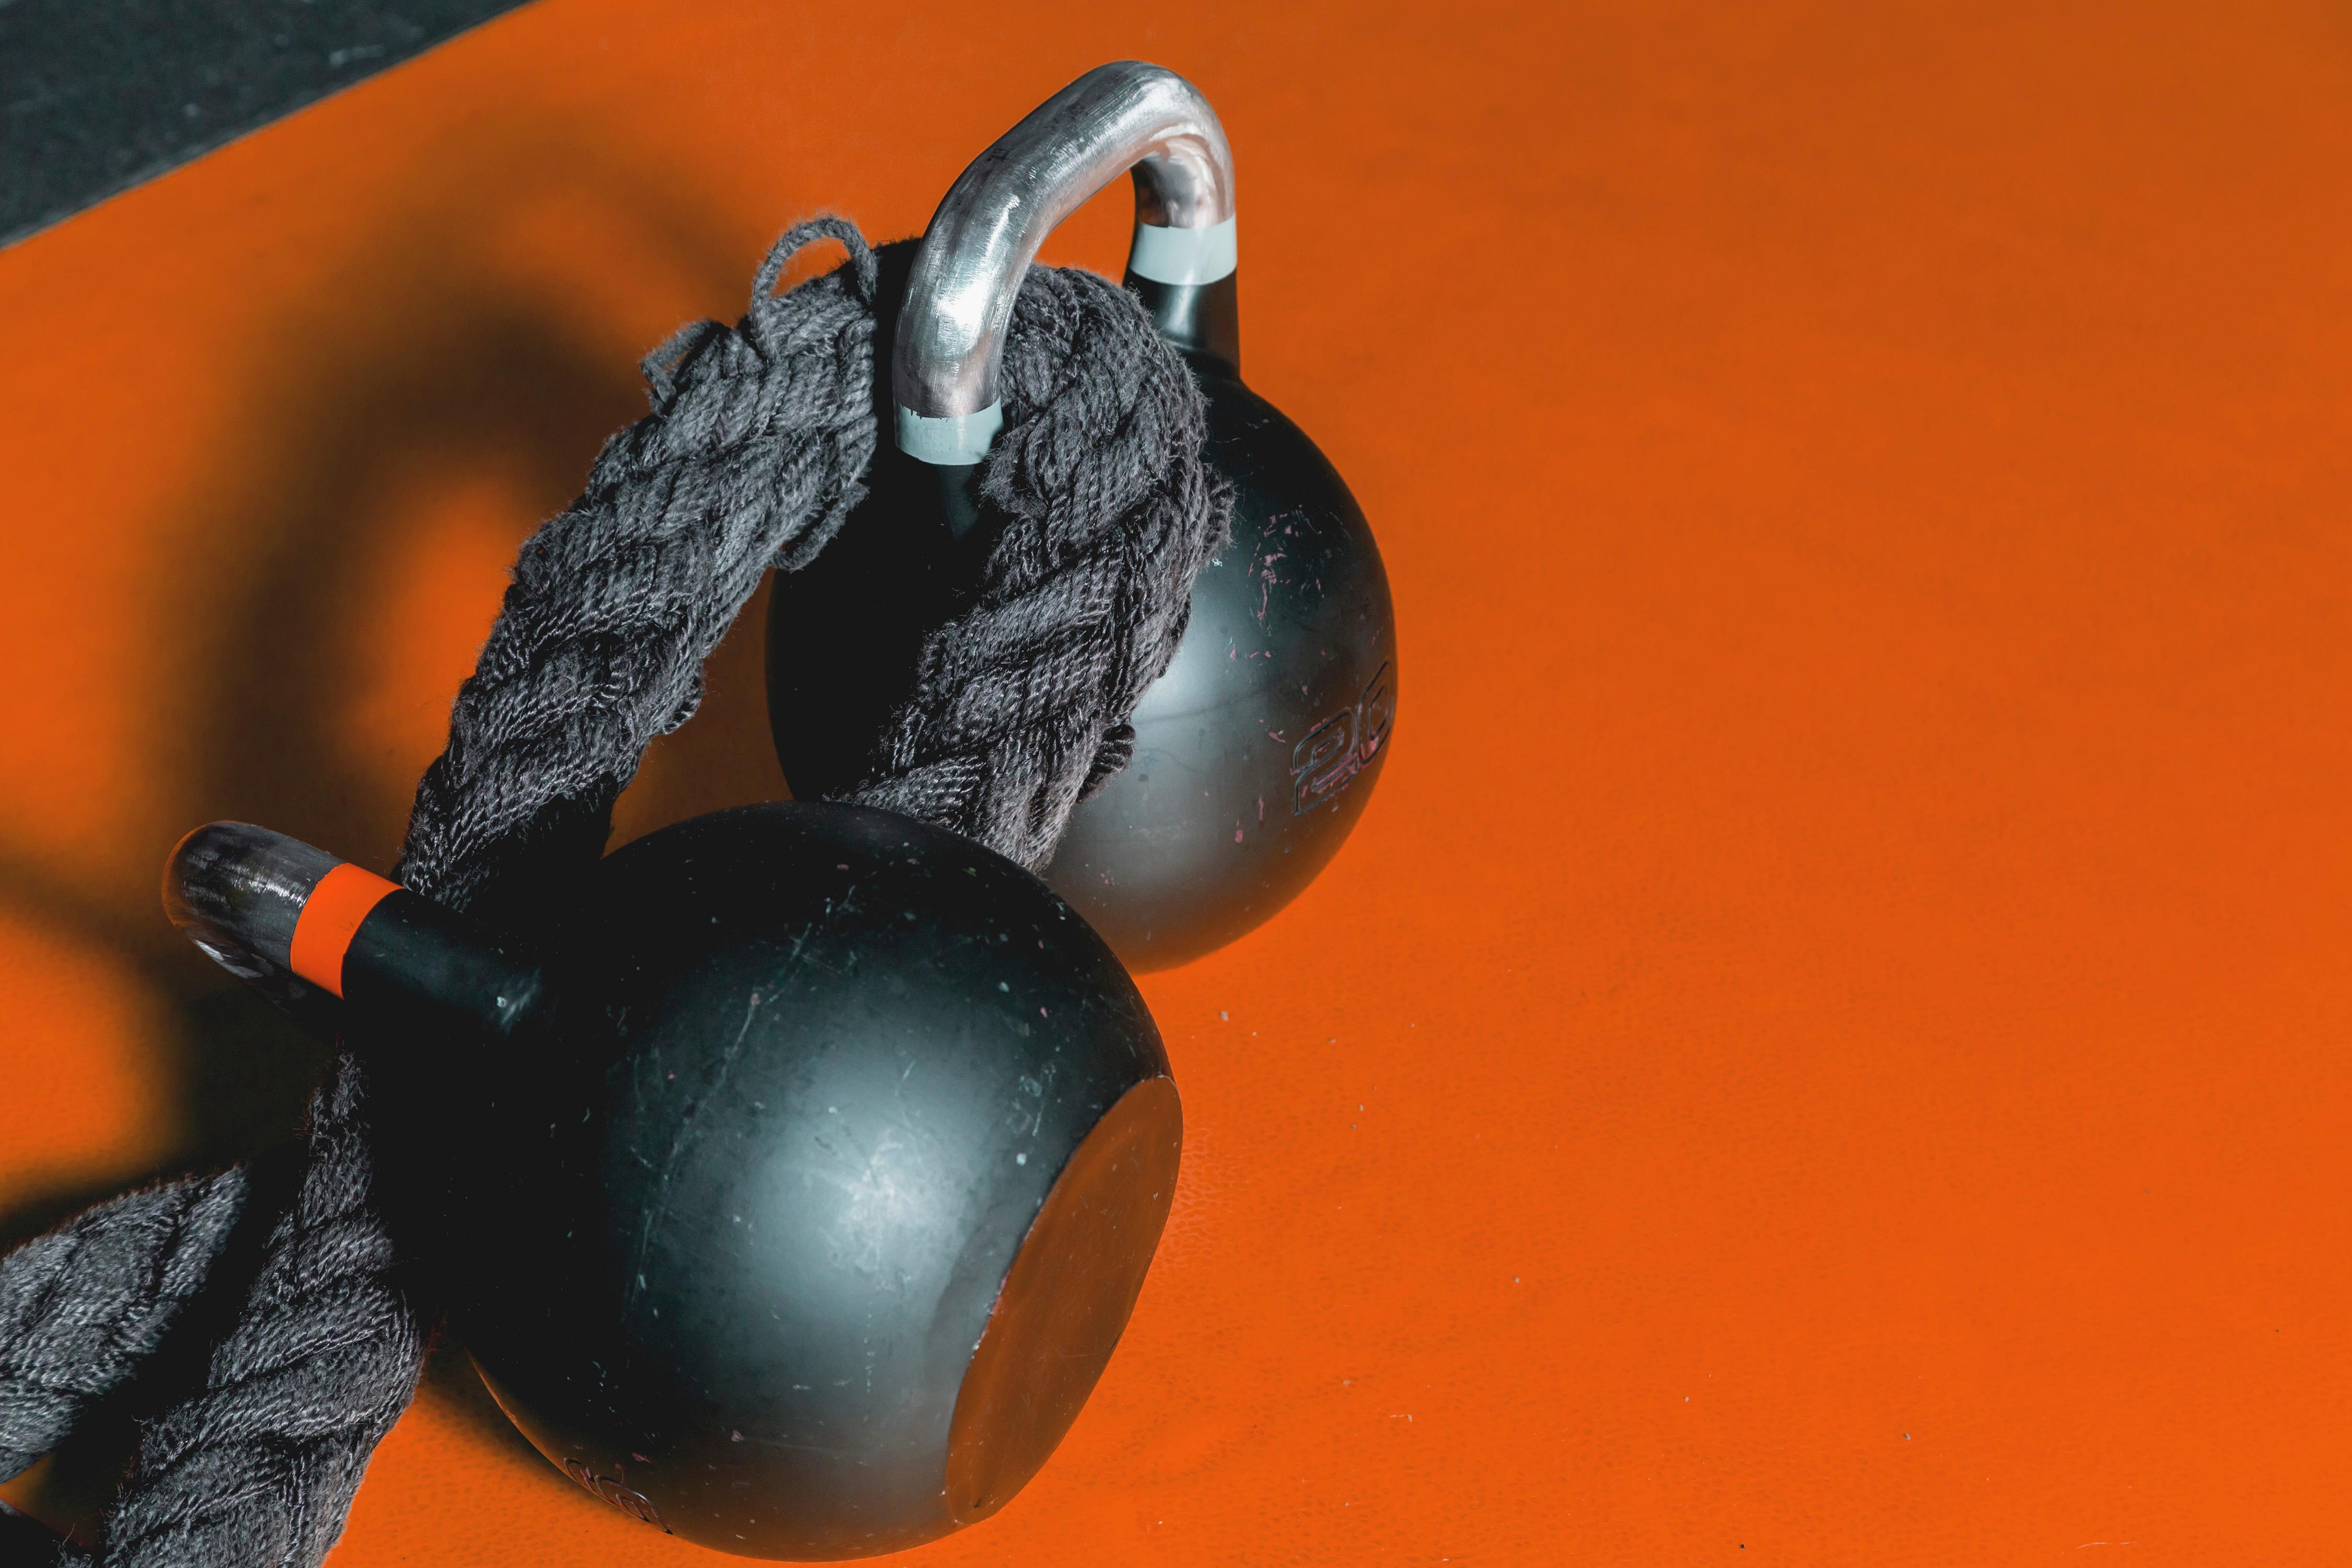 Les Effets du Cardio sur la Prise de Muscle